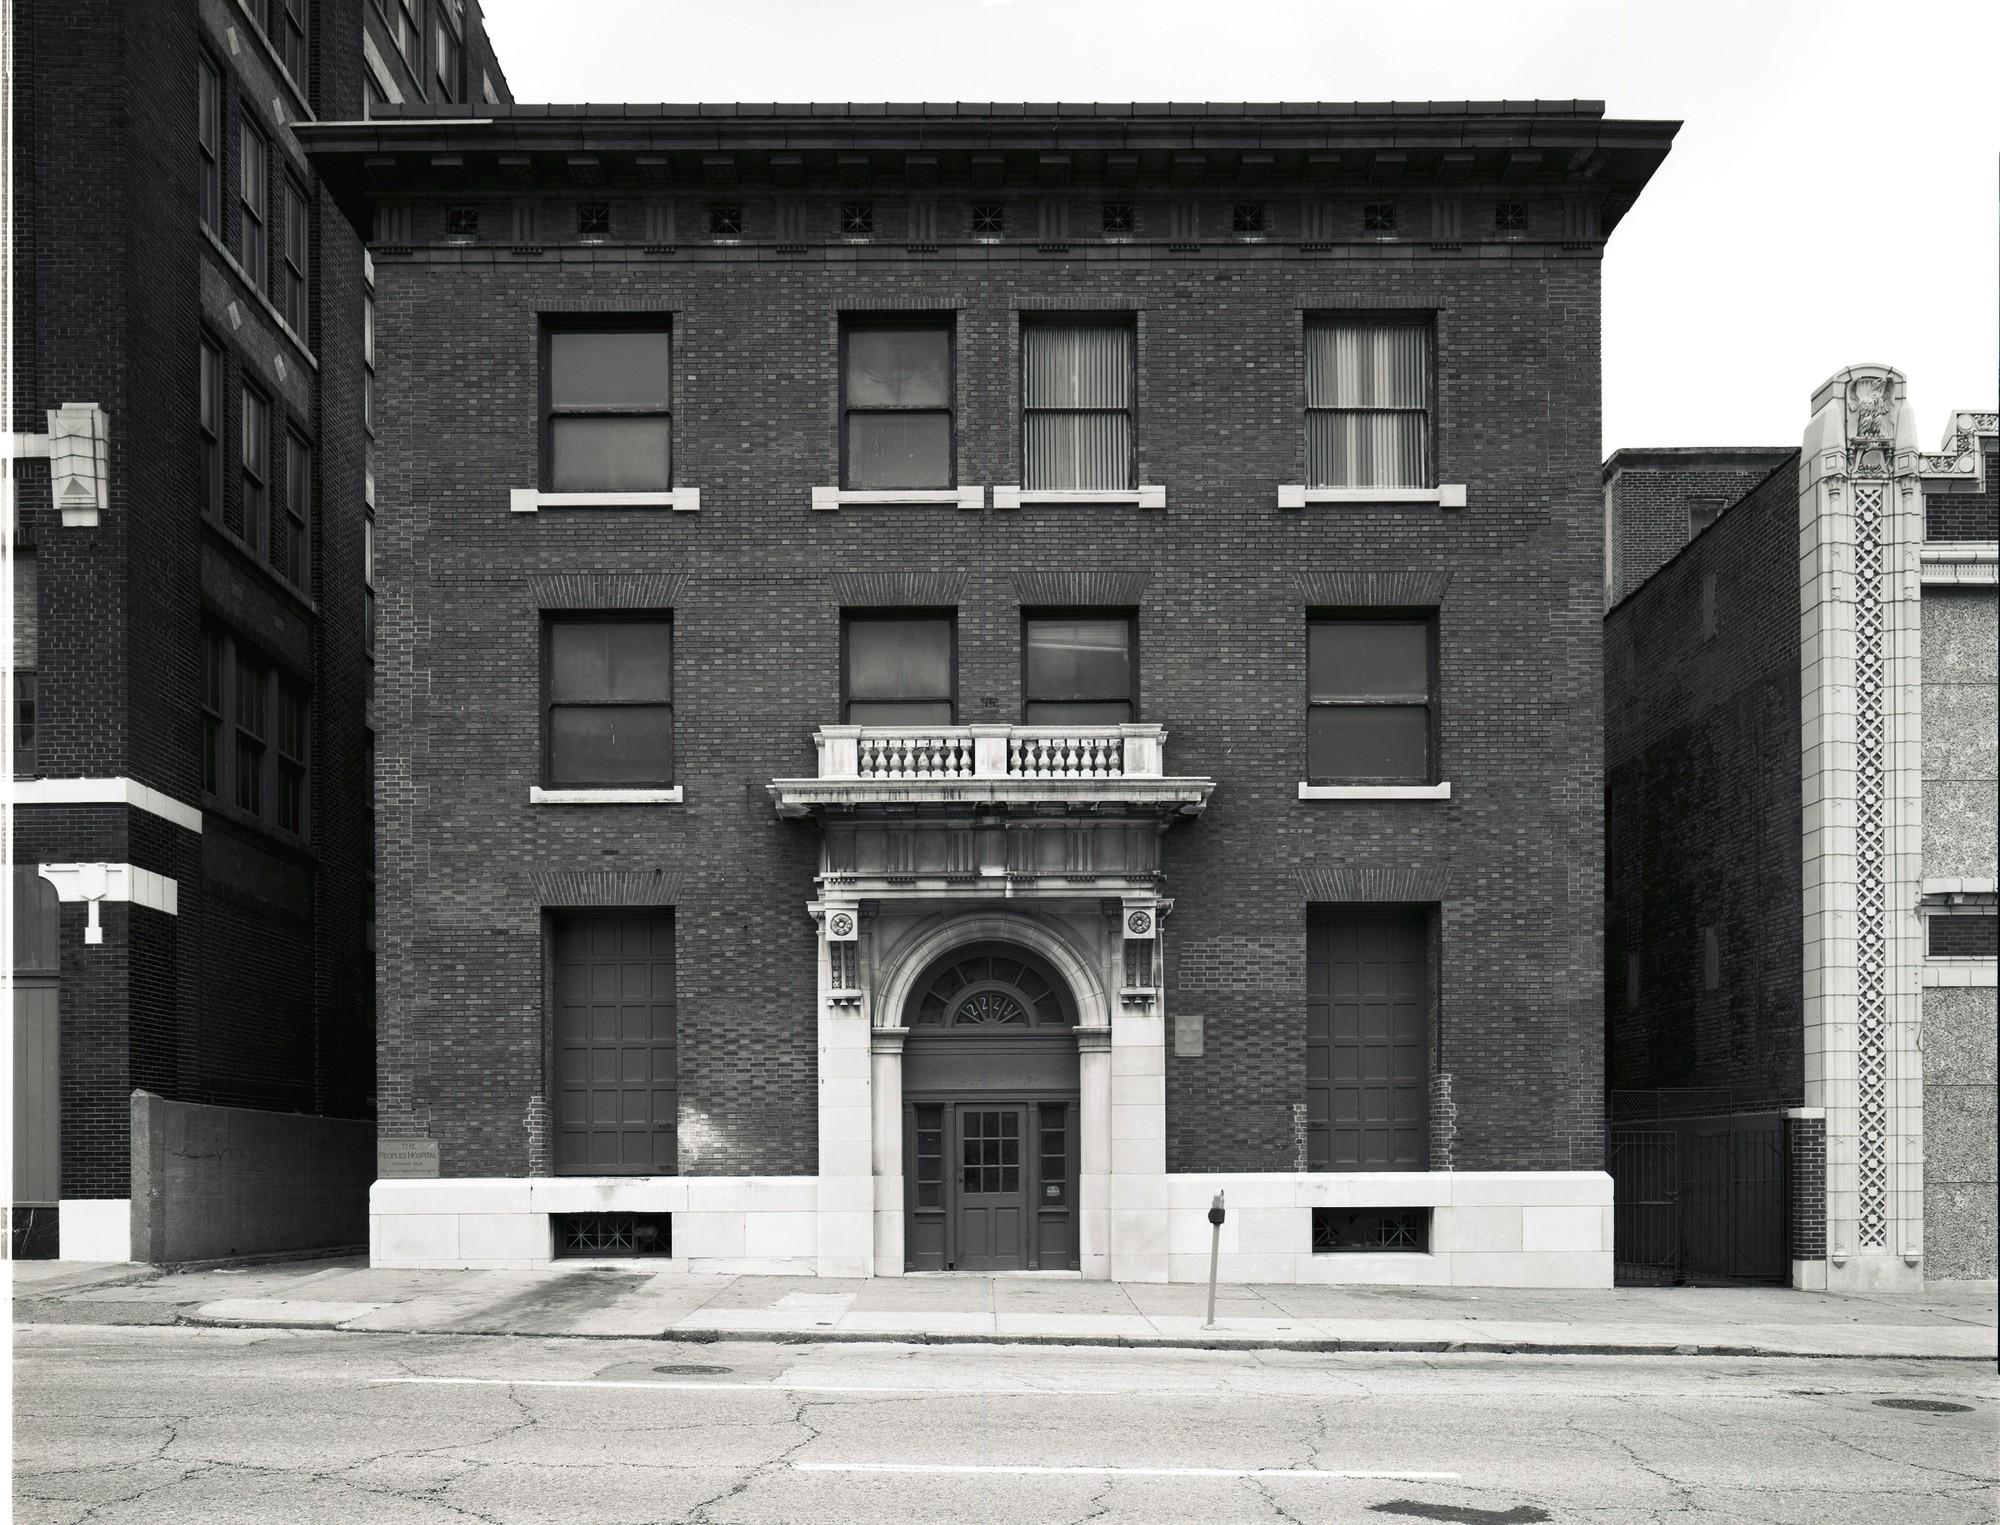 People's Hospital (1993)